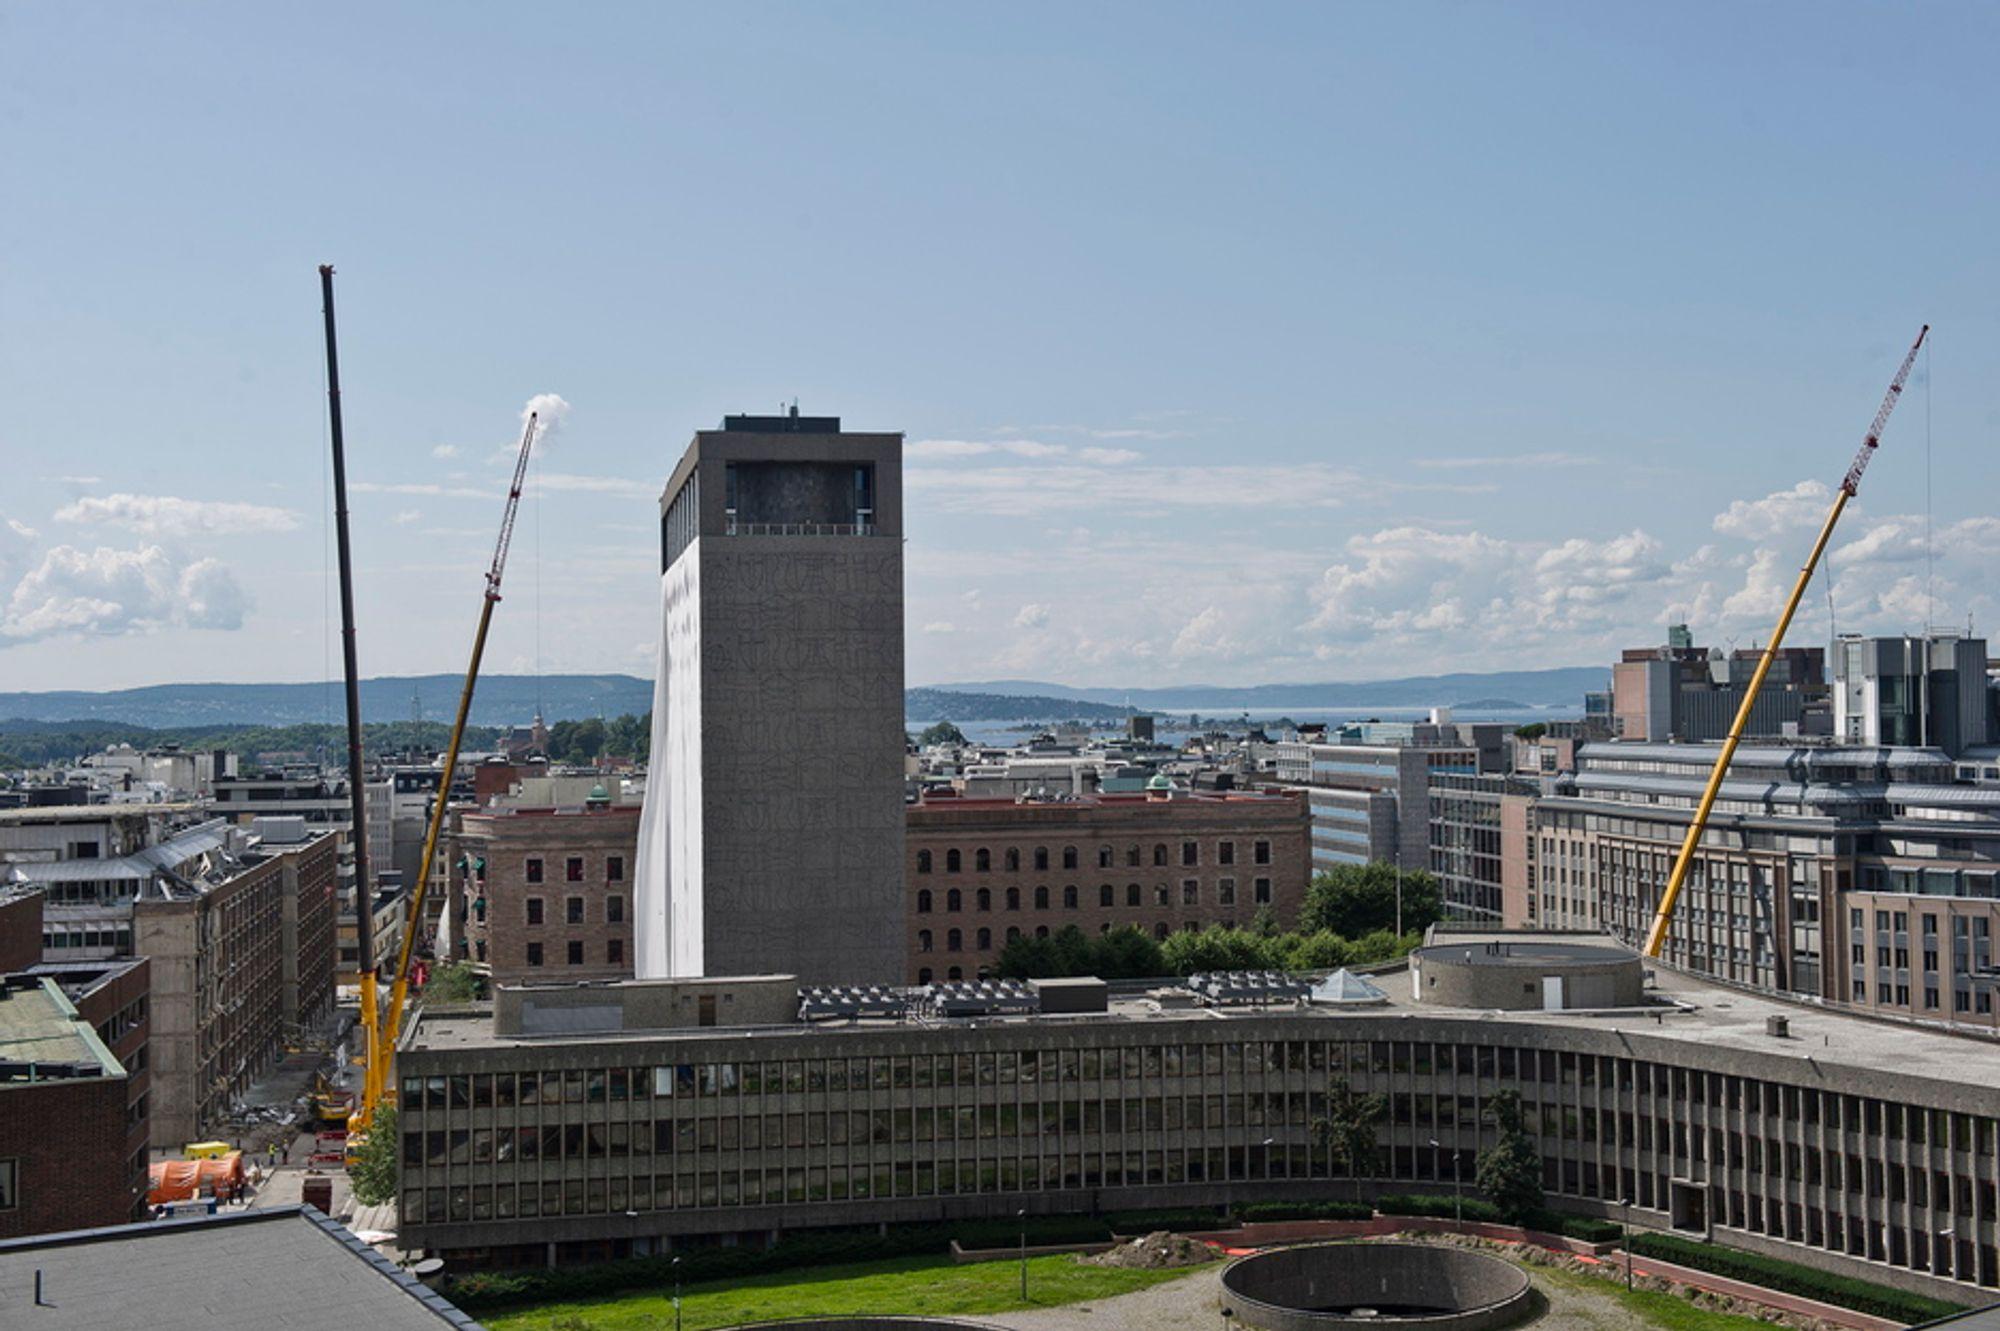 Konstruksjonsskadene i Regjeringskvartalet vil ikke kunne vurderes før over jul.